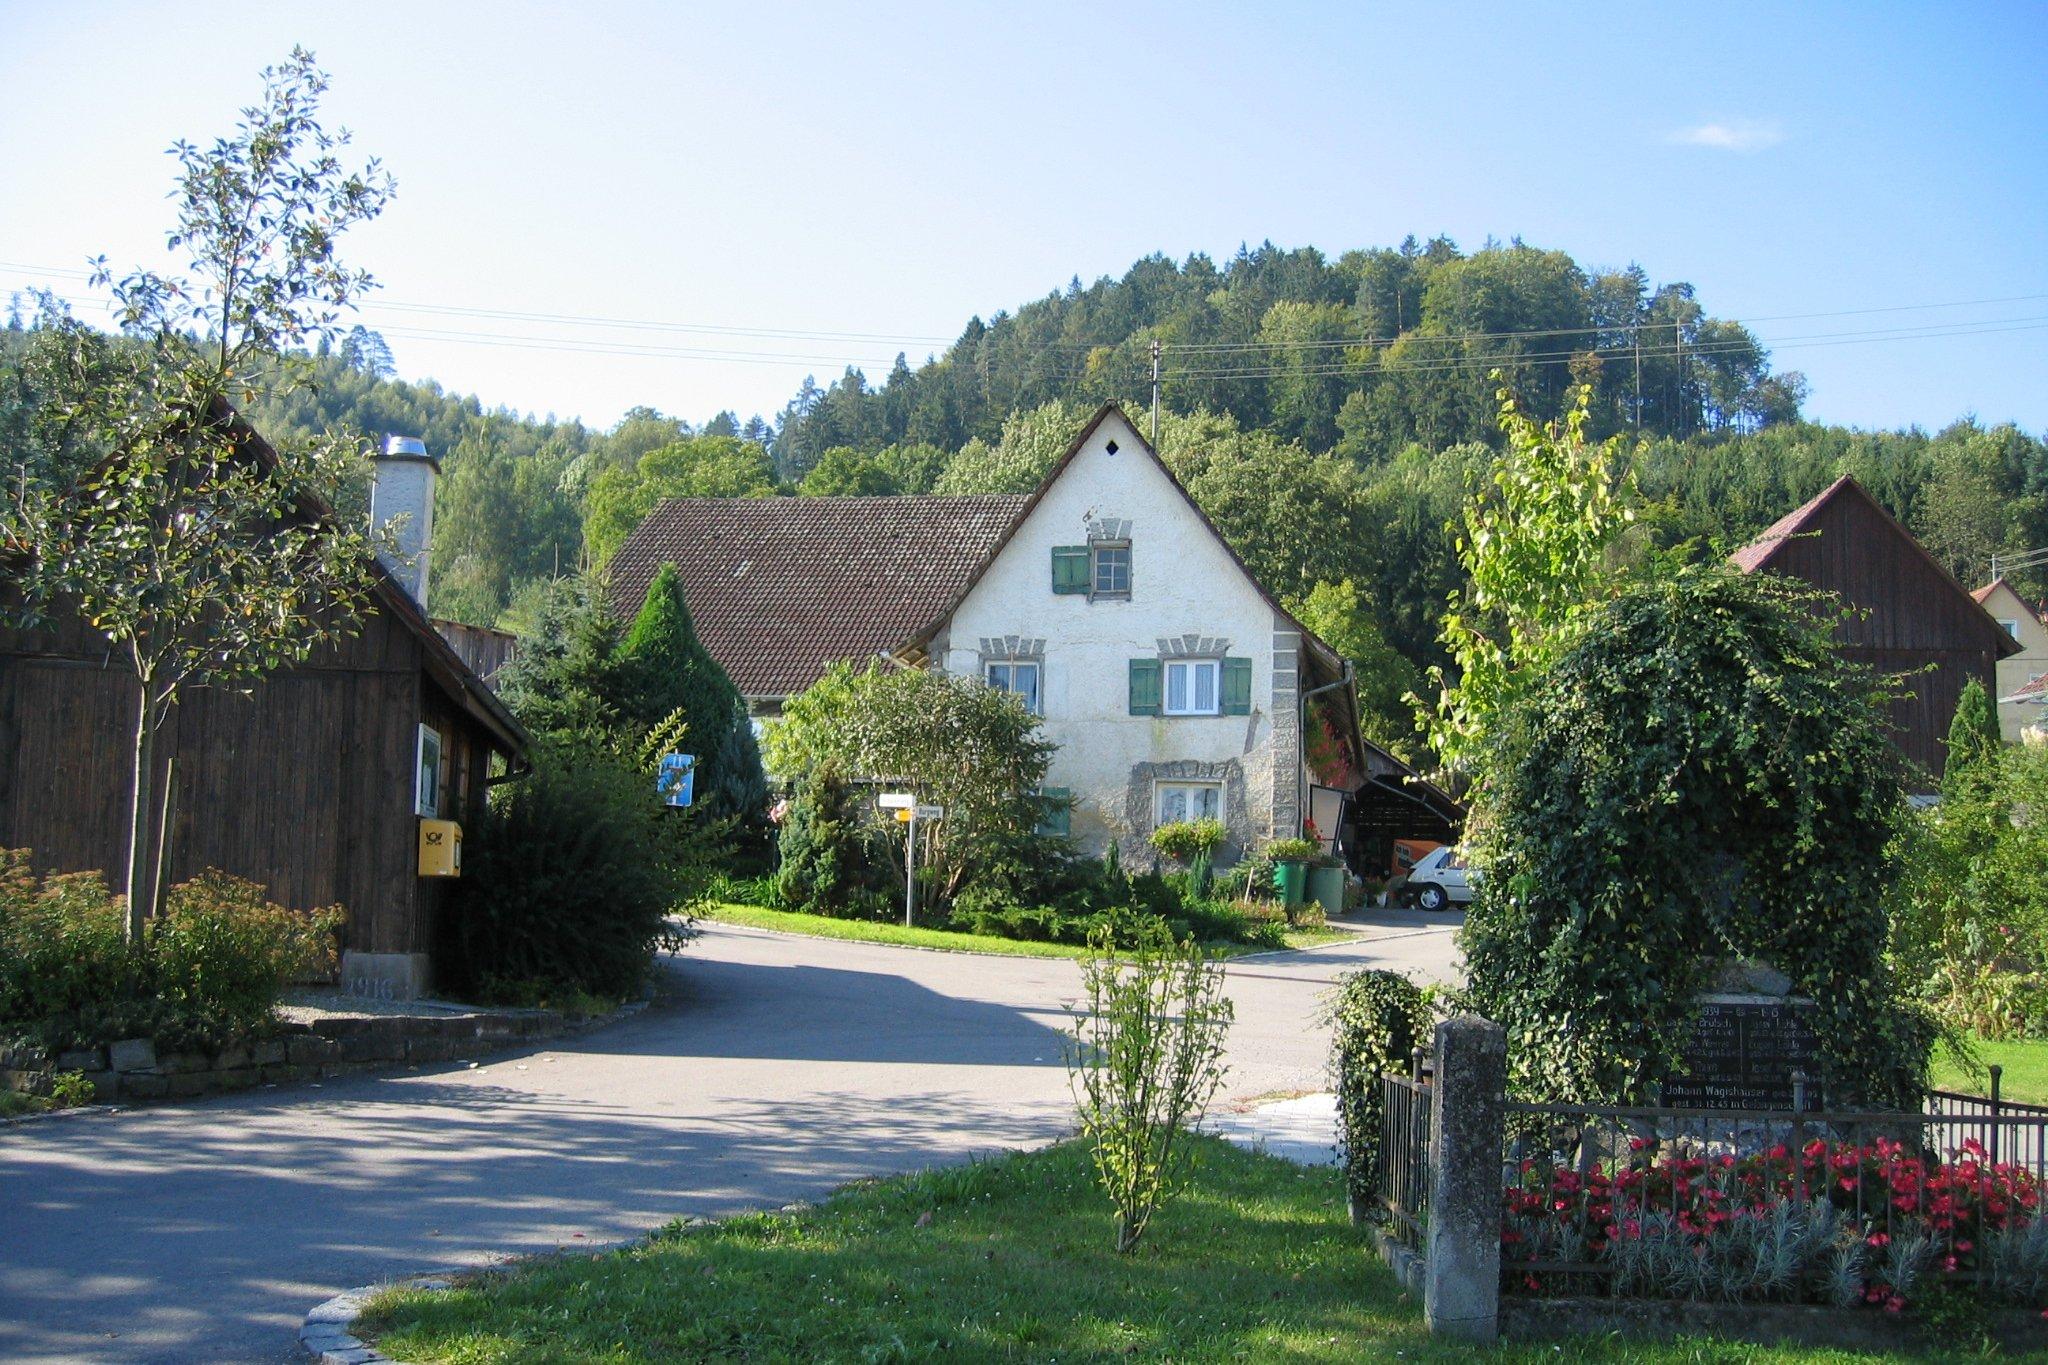 Schiggendorf Ortsmitte